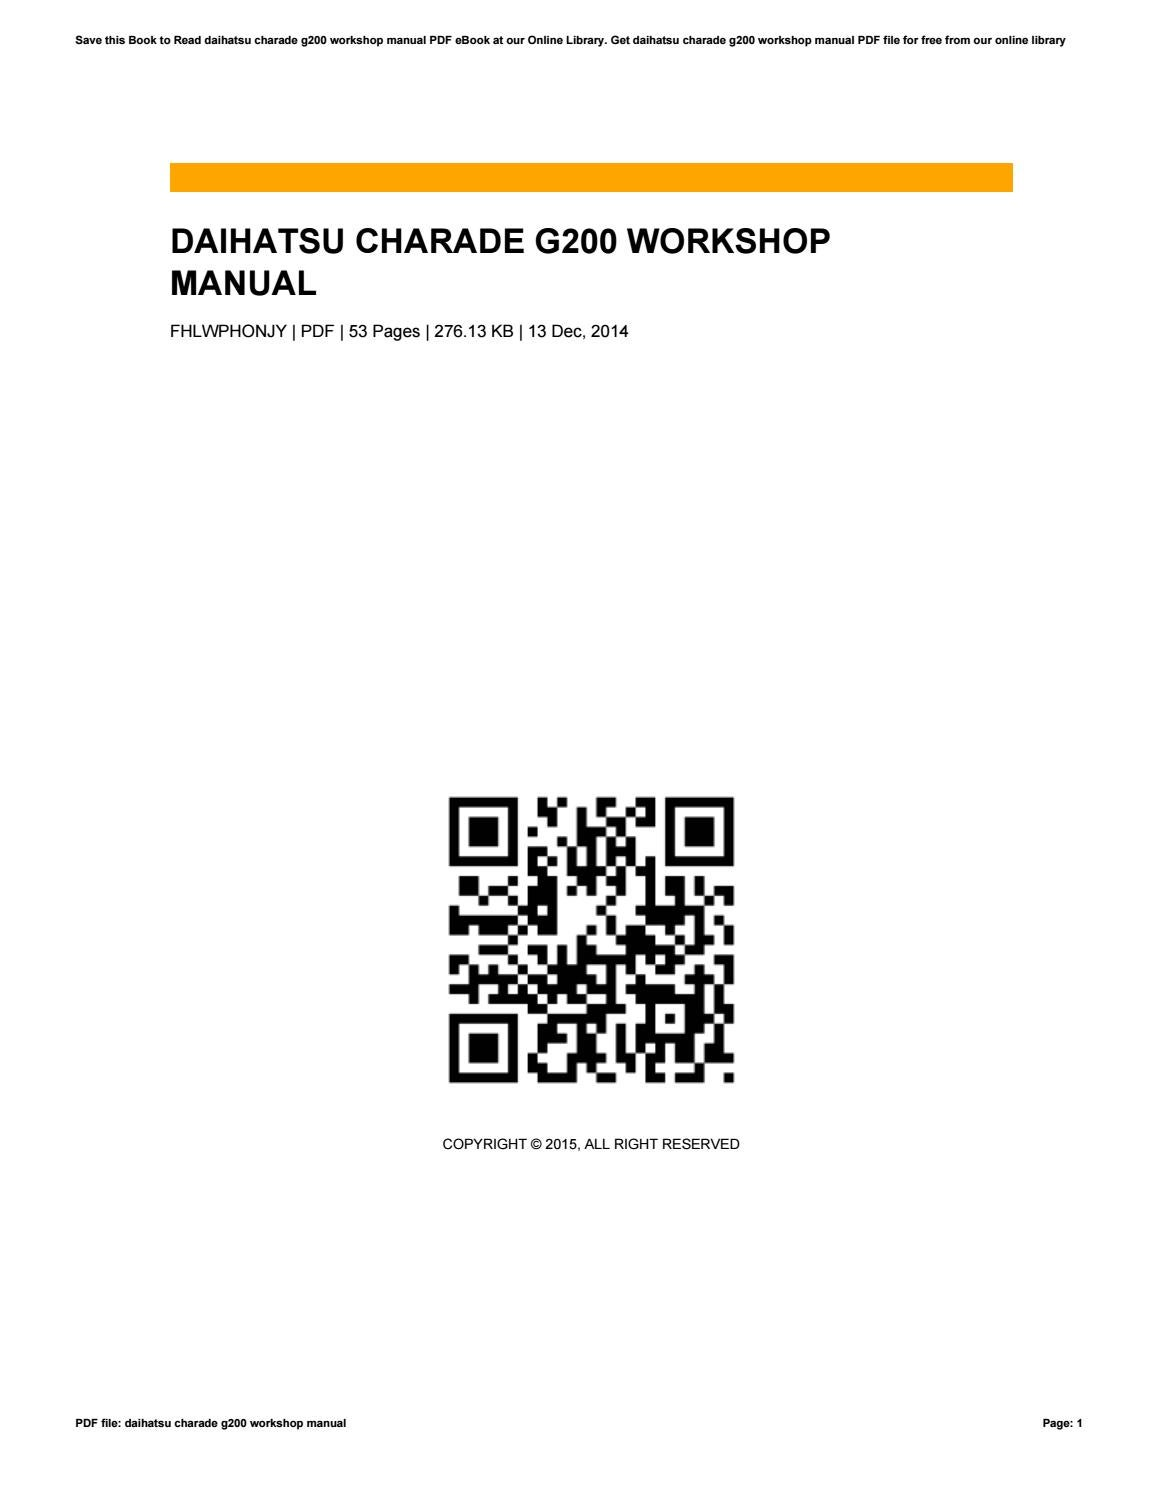 daihatsu charade g200 workshop manual by asdhgsad77